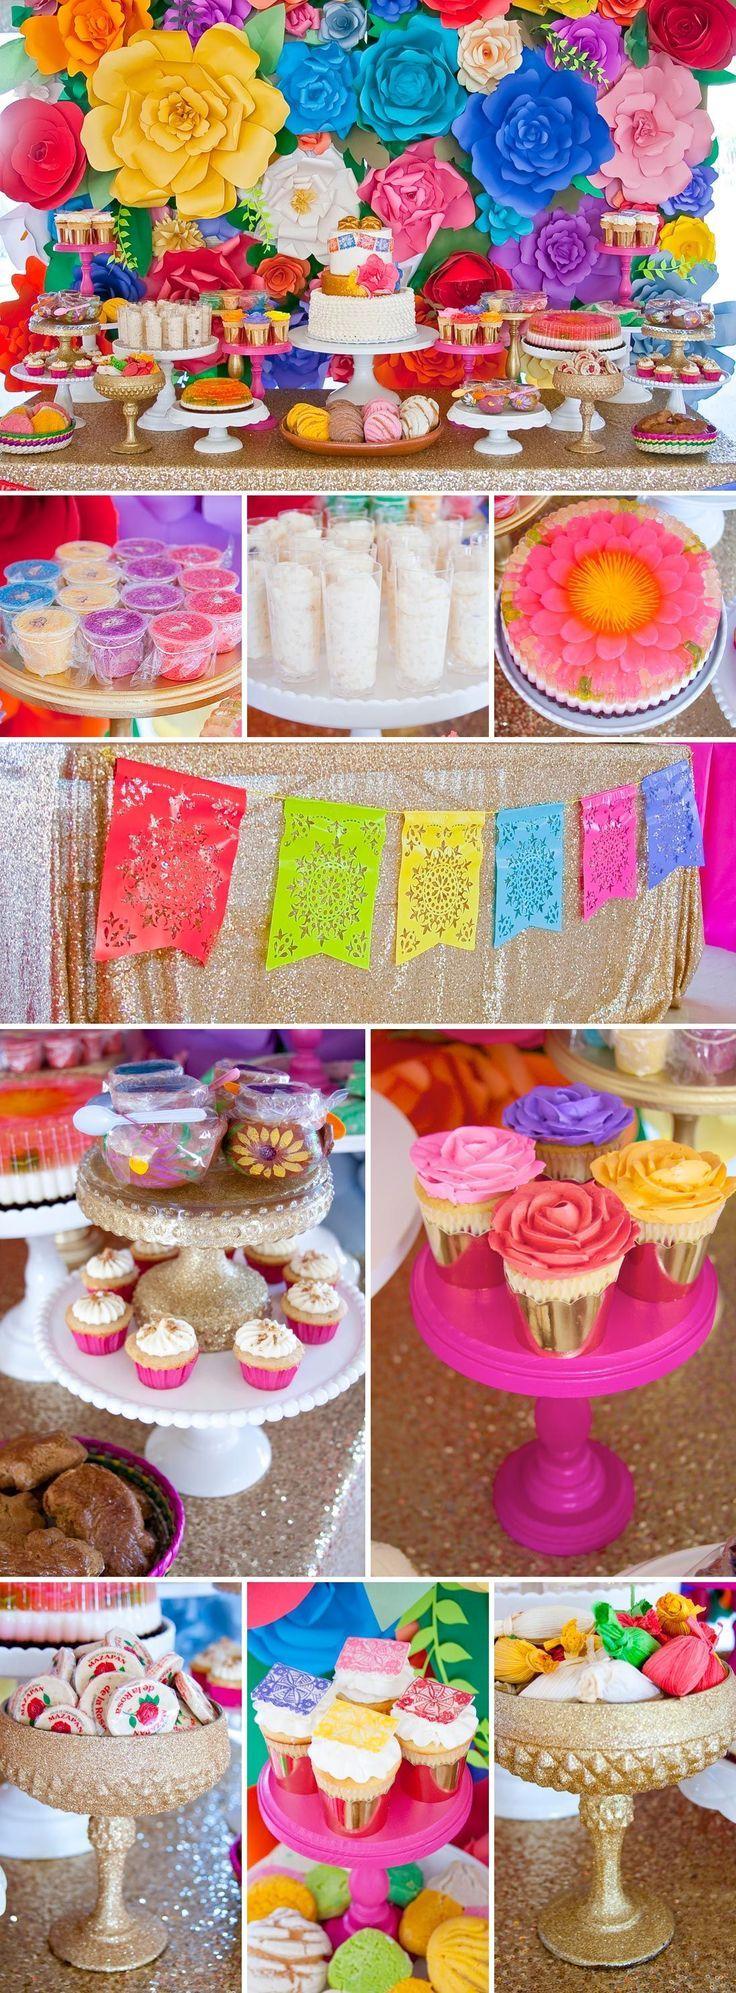 Colorful Baby Shower Inspired by Mexican Culture | Un baby shower inspirado en los colores de México #decoracionbabyshower